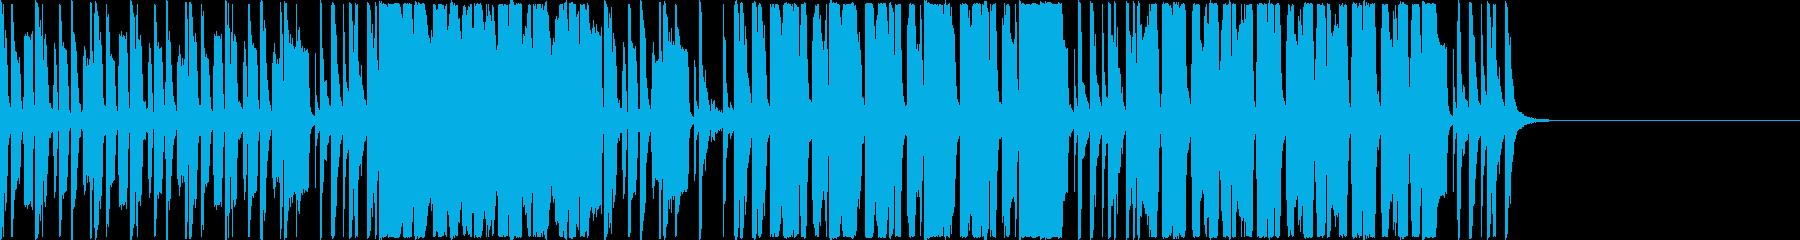 ベースリフと華やかなブラスセクションの再生済みの波形